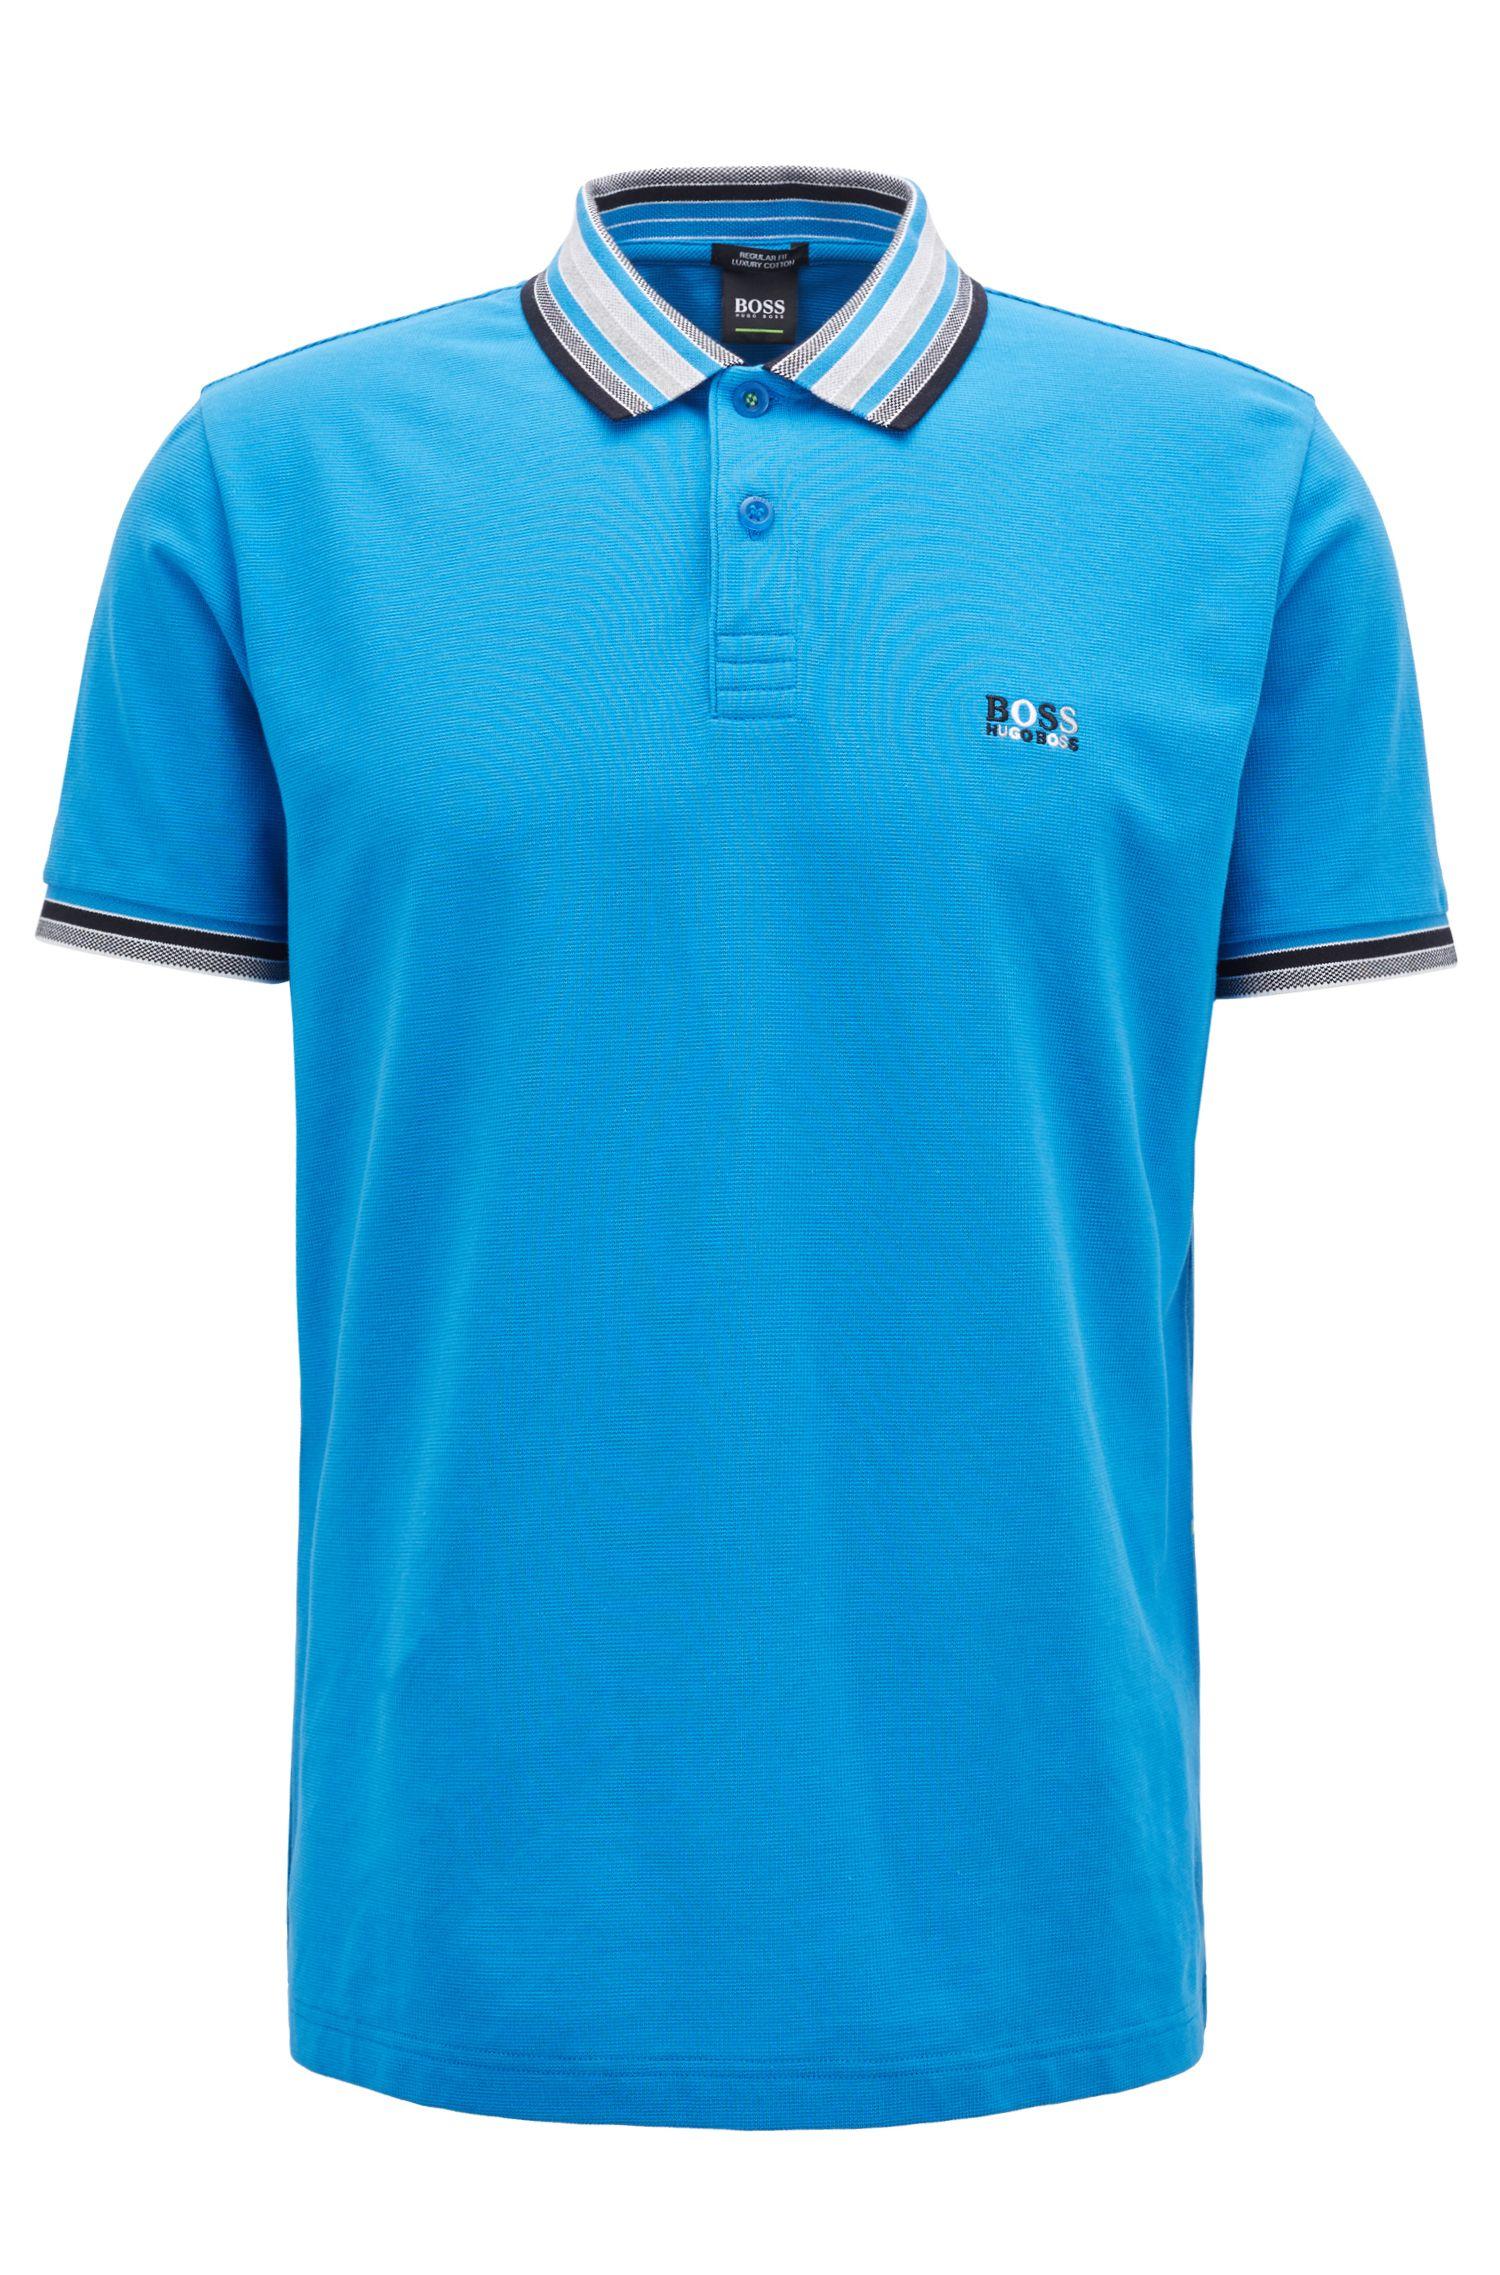 Cotton-piqué polo shirt with multicolored degradé collar